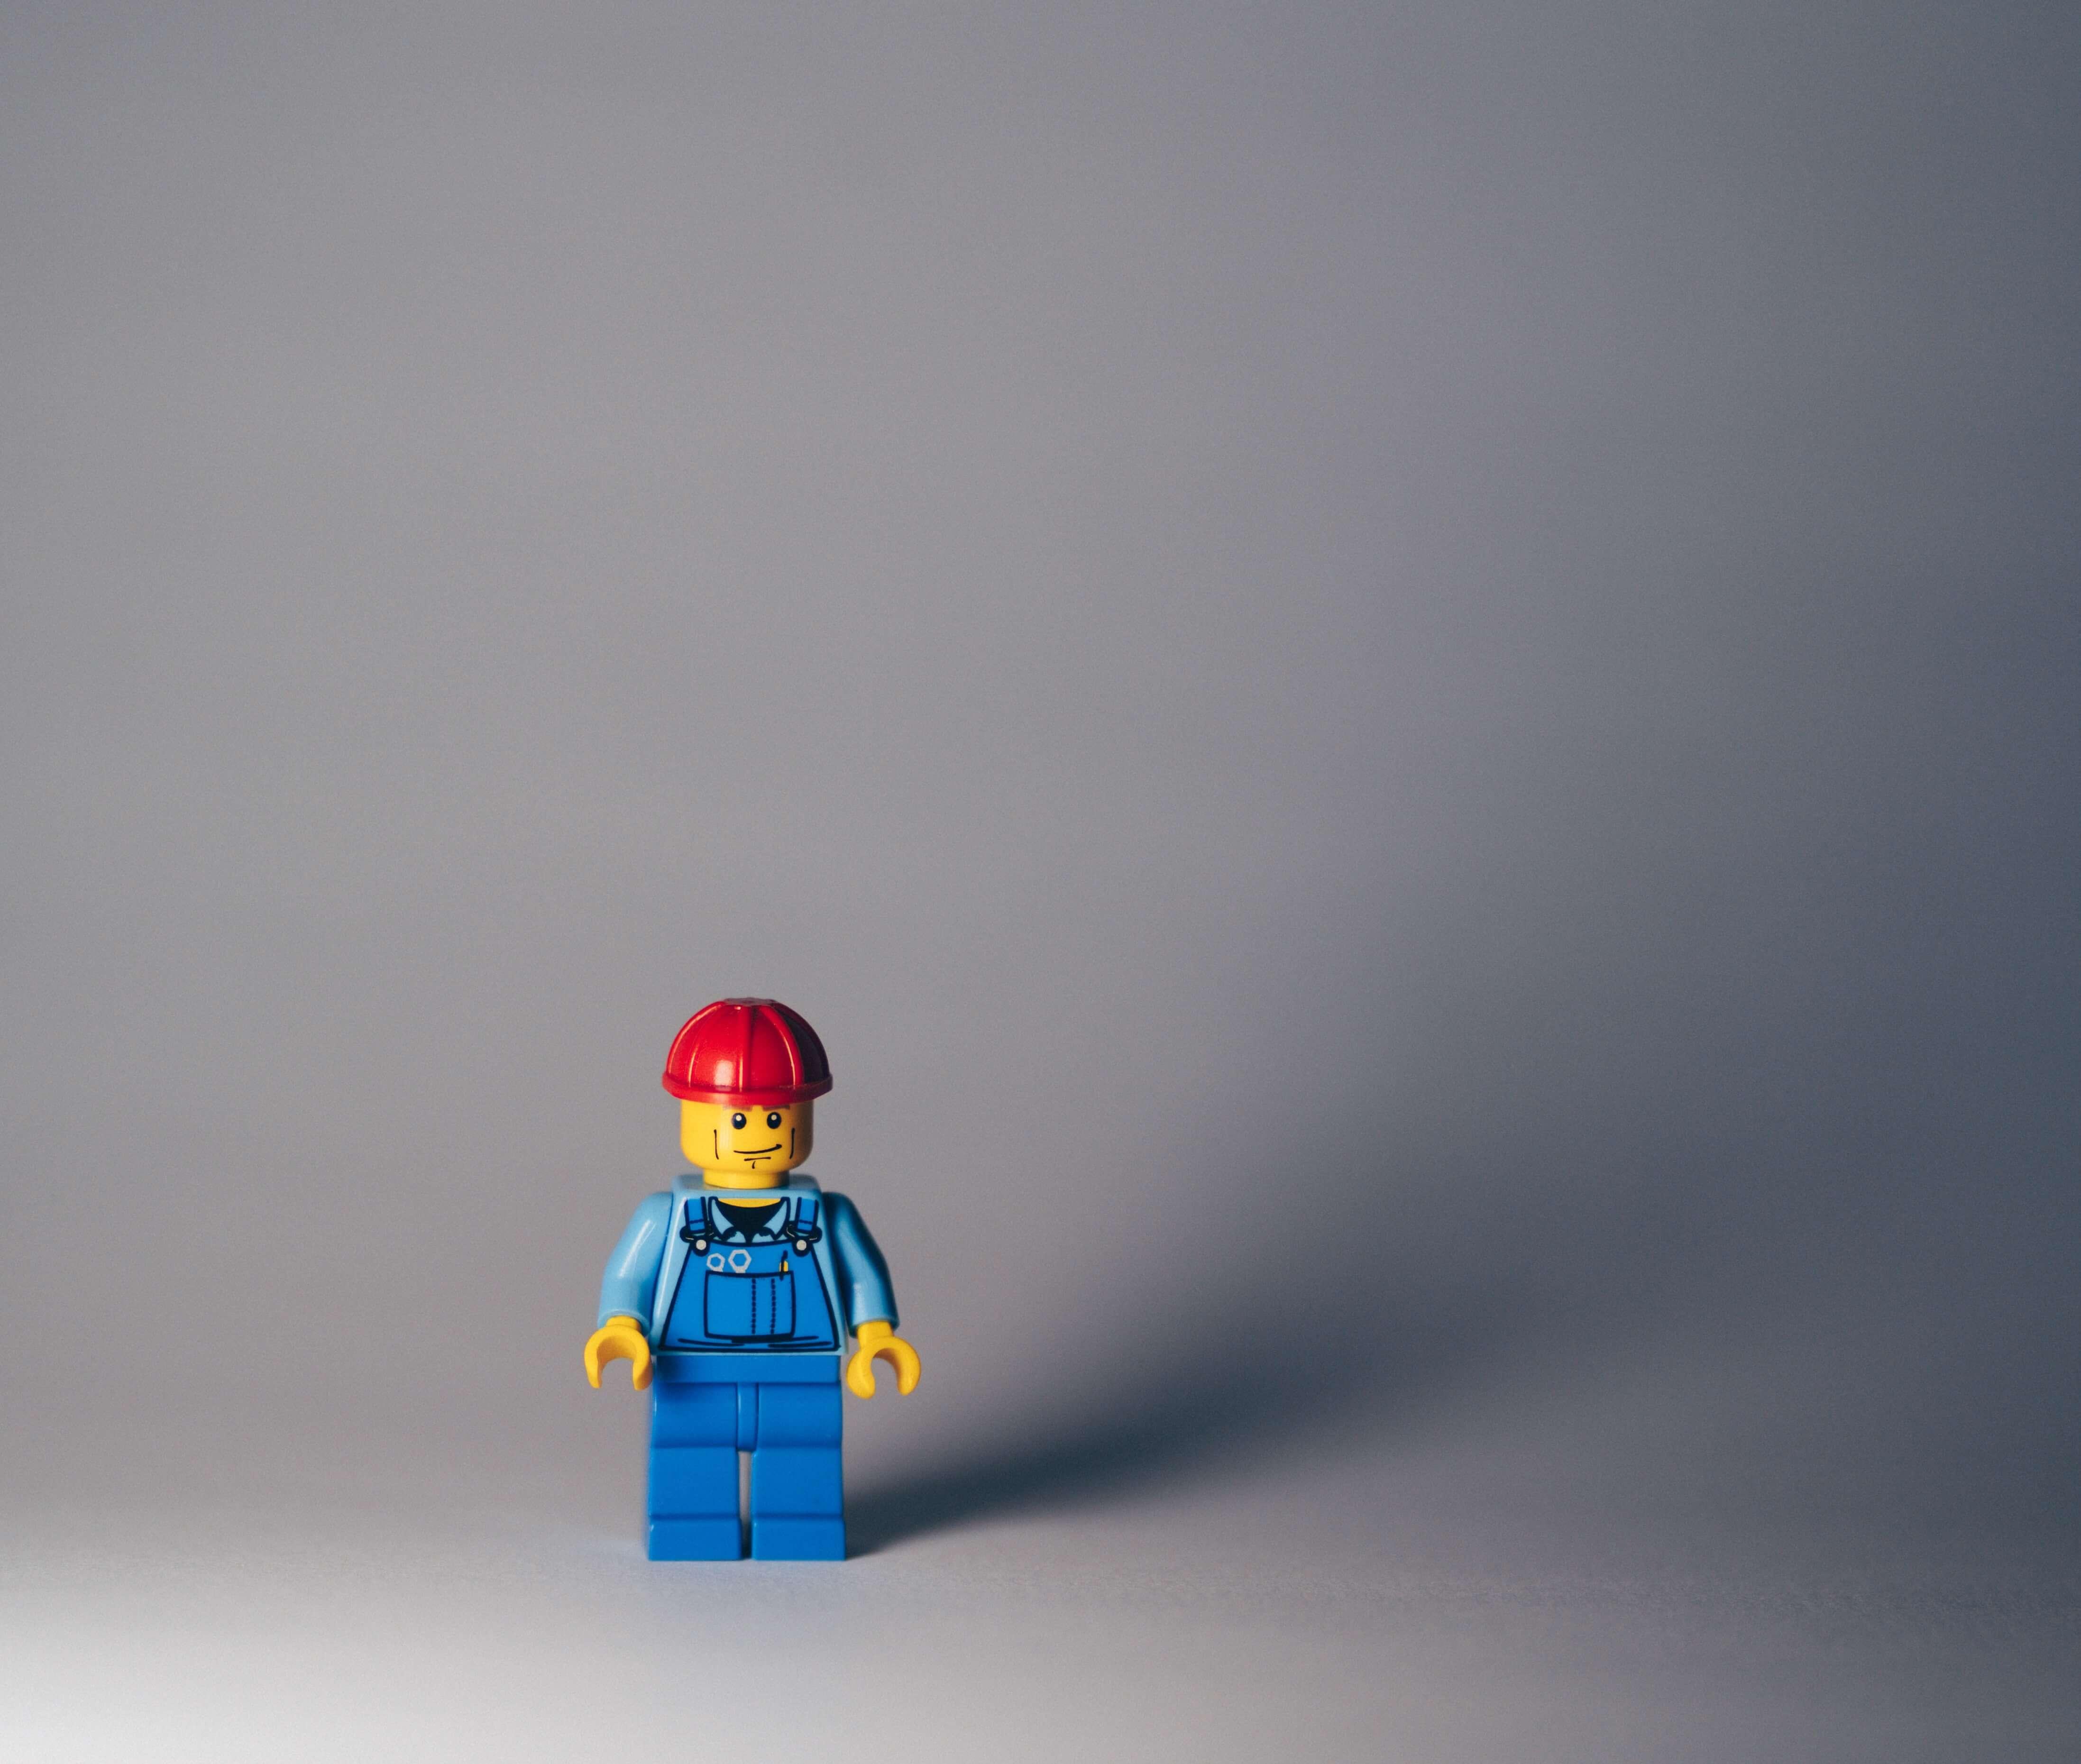 Lego minifig handyman